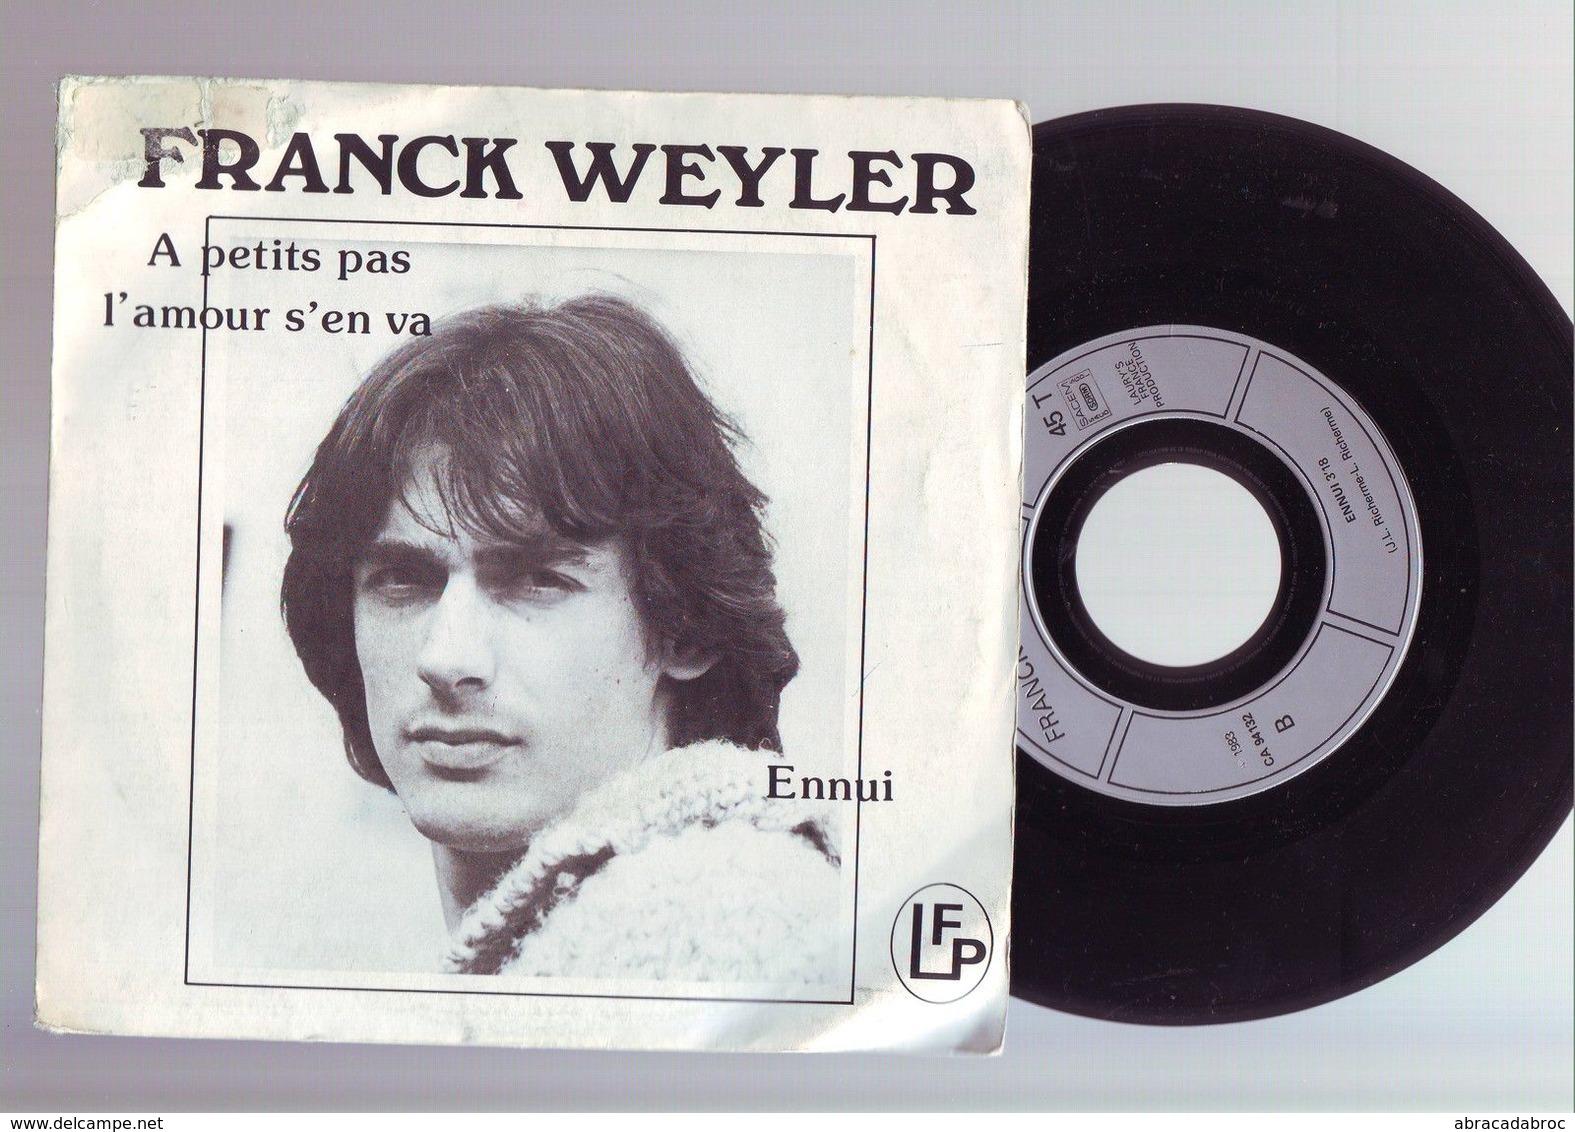 45 Tours Franck Weyler - A Petits Pas L'amour S'en Va / Ennui - Disco, Pop